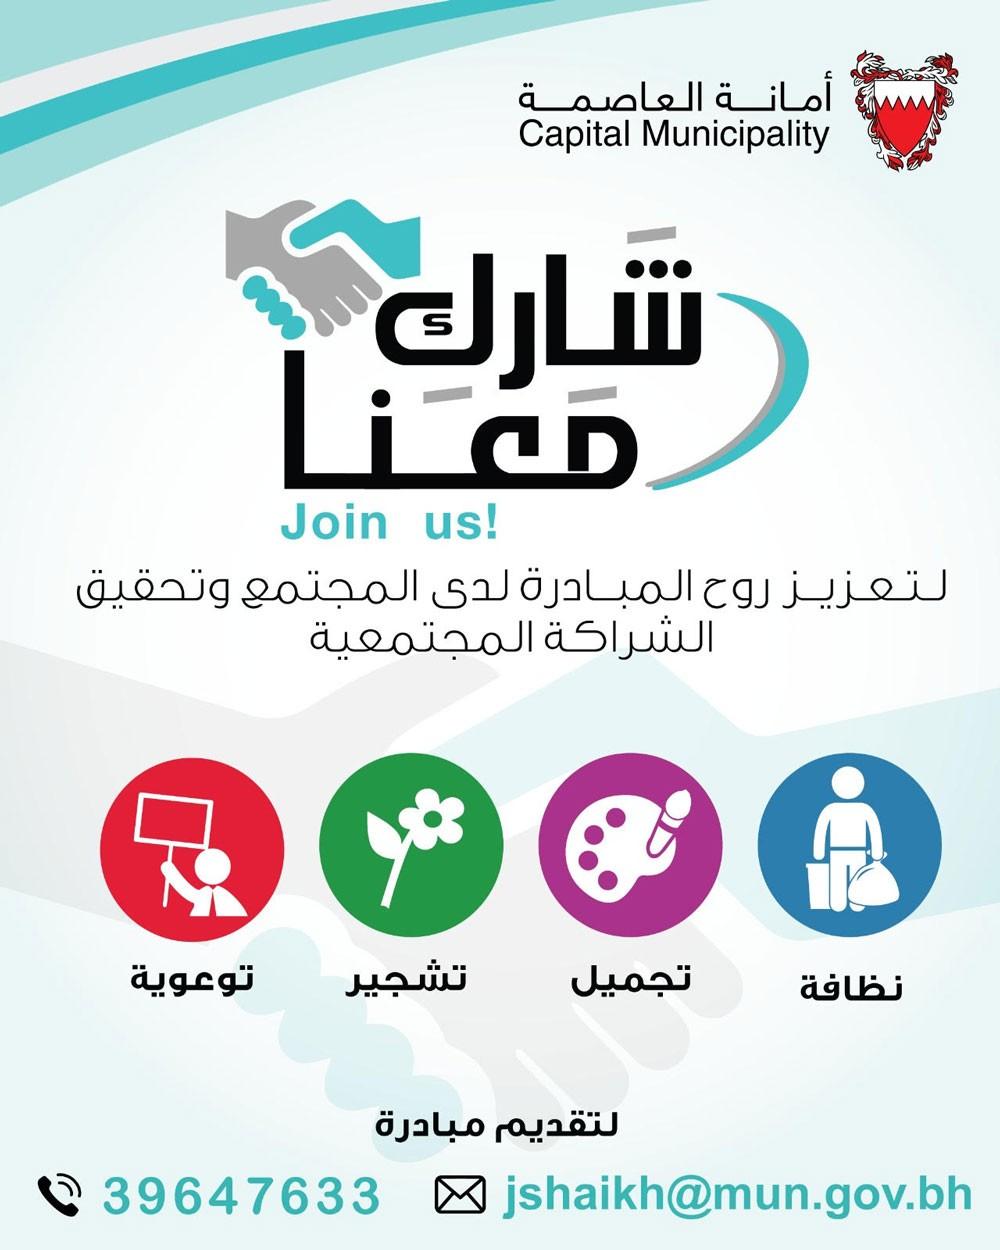 أمانة العاصمة تدشن حملة شارك معنا بتعاون 40 مؤسسة